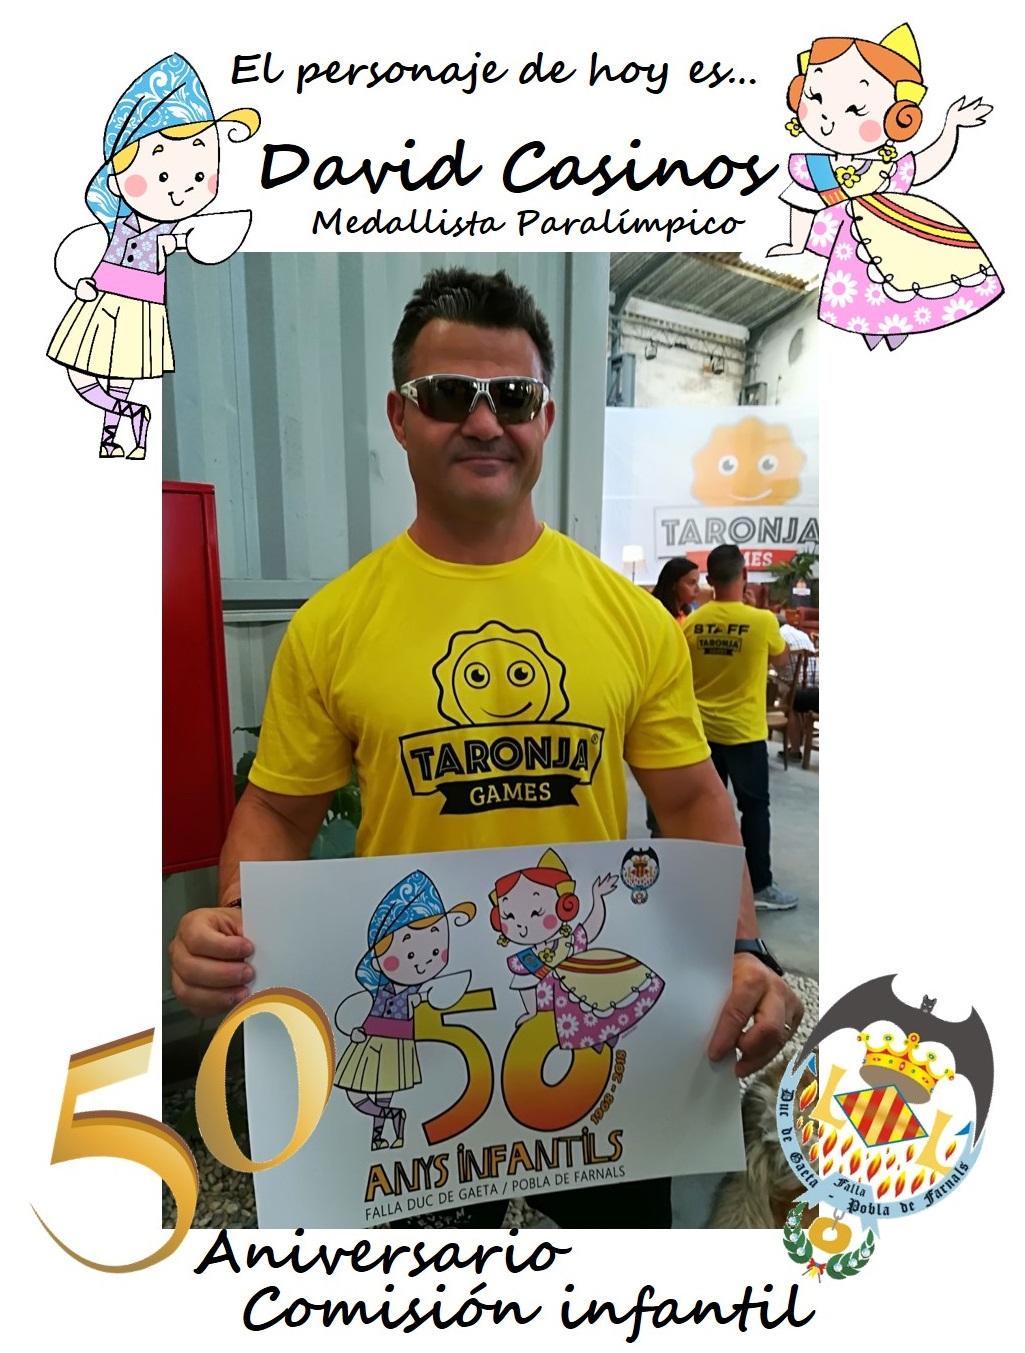 Personaje del día: David Casinos, medallista paralímpico